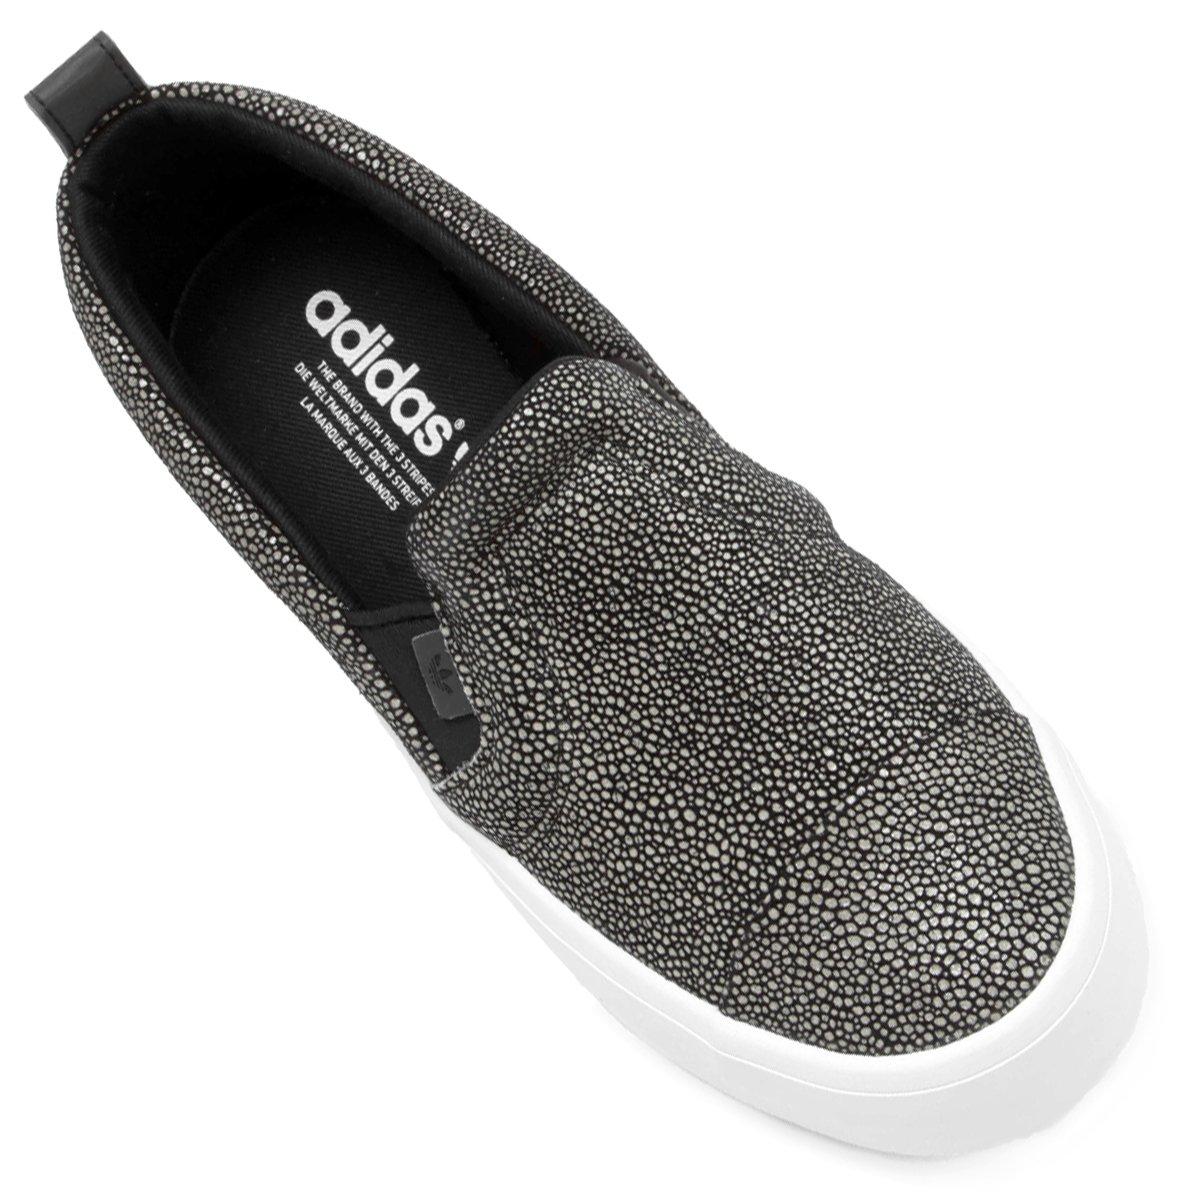 4aa03df61bb Tênis Adidas Honey 2 0 Slipon W - Compre Agora